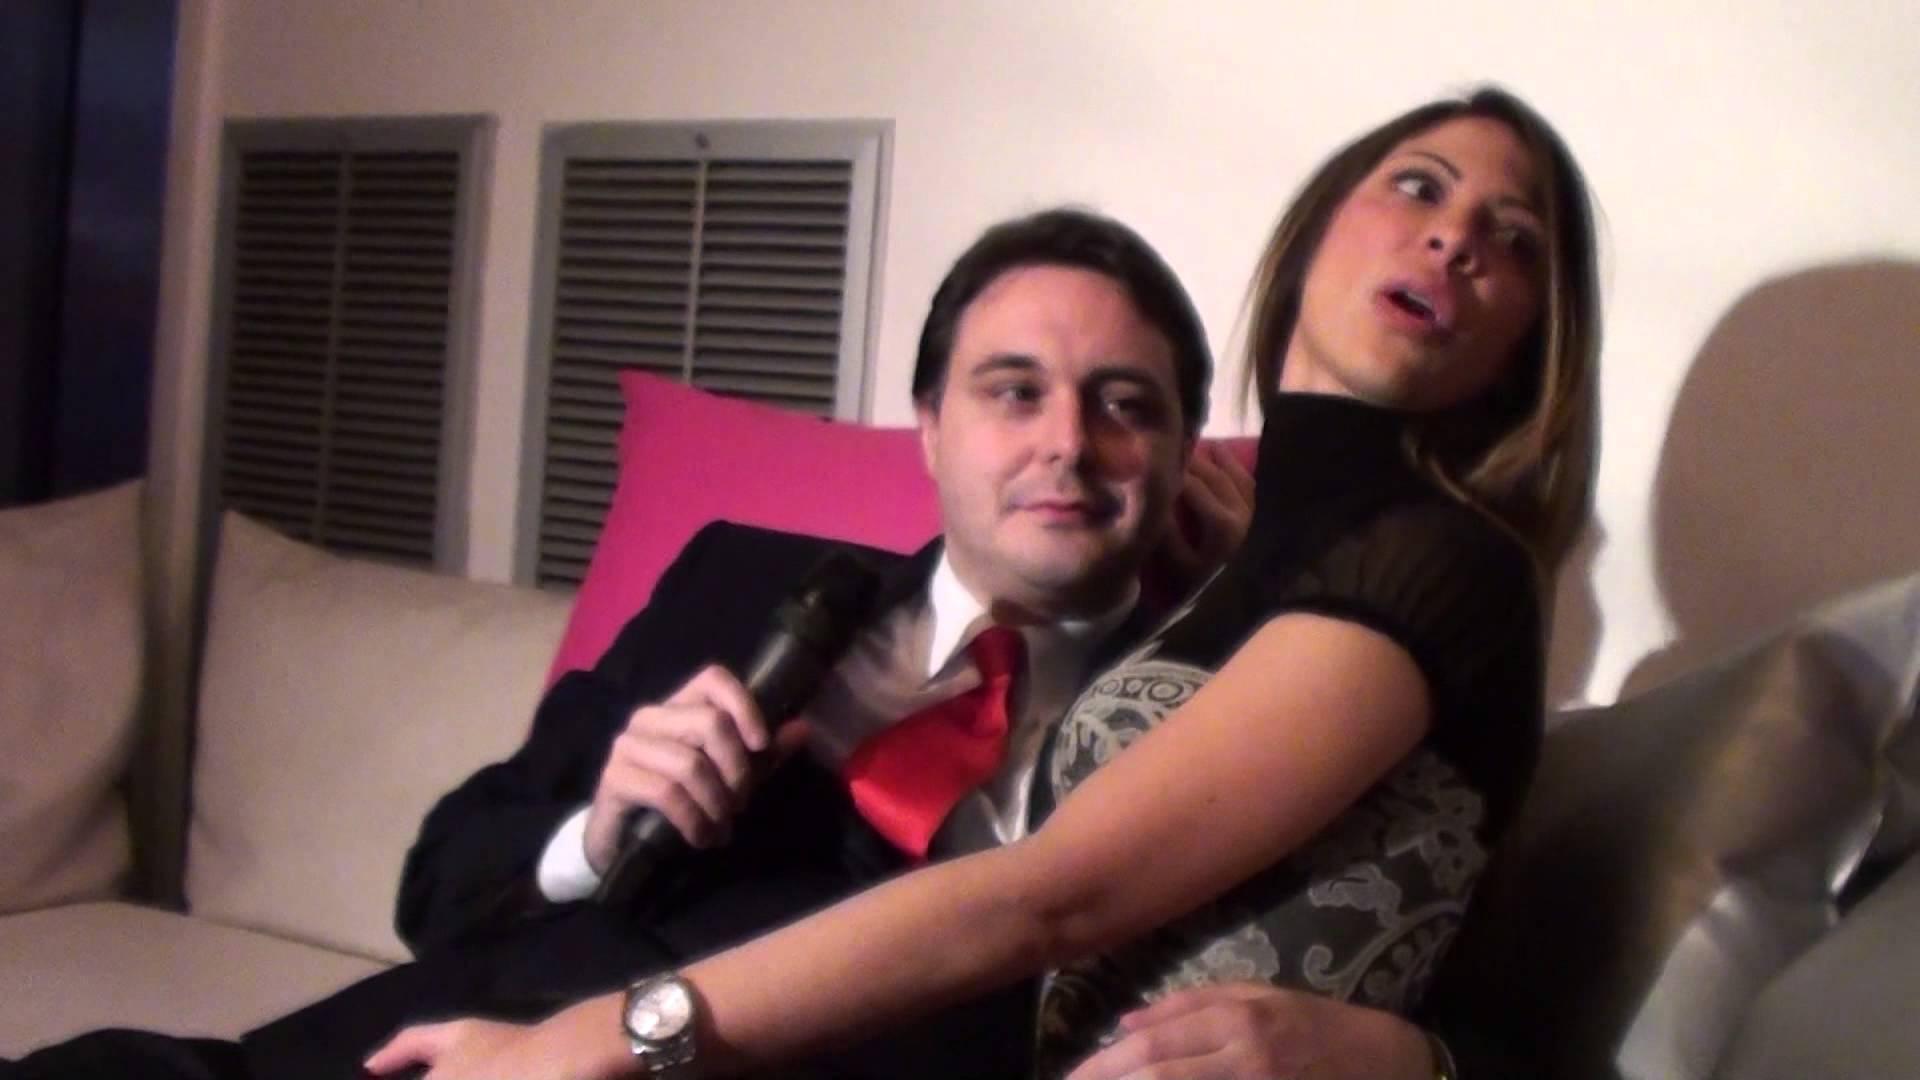 Sara tommasi e andrea dipr data di matrimonio 10 giugno 2015 - Nausica cardone diva futura ...